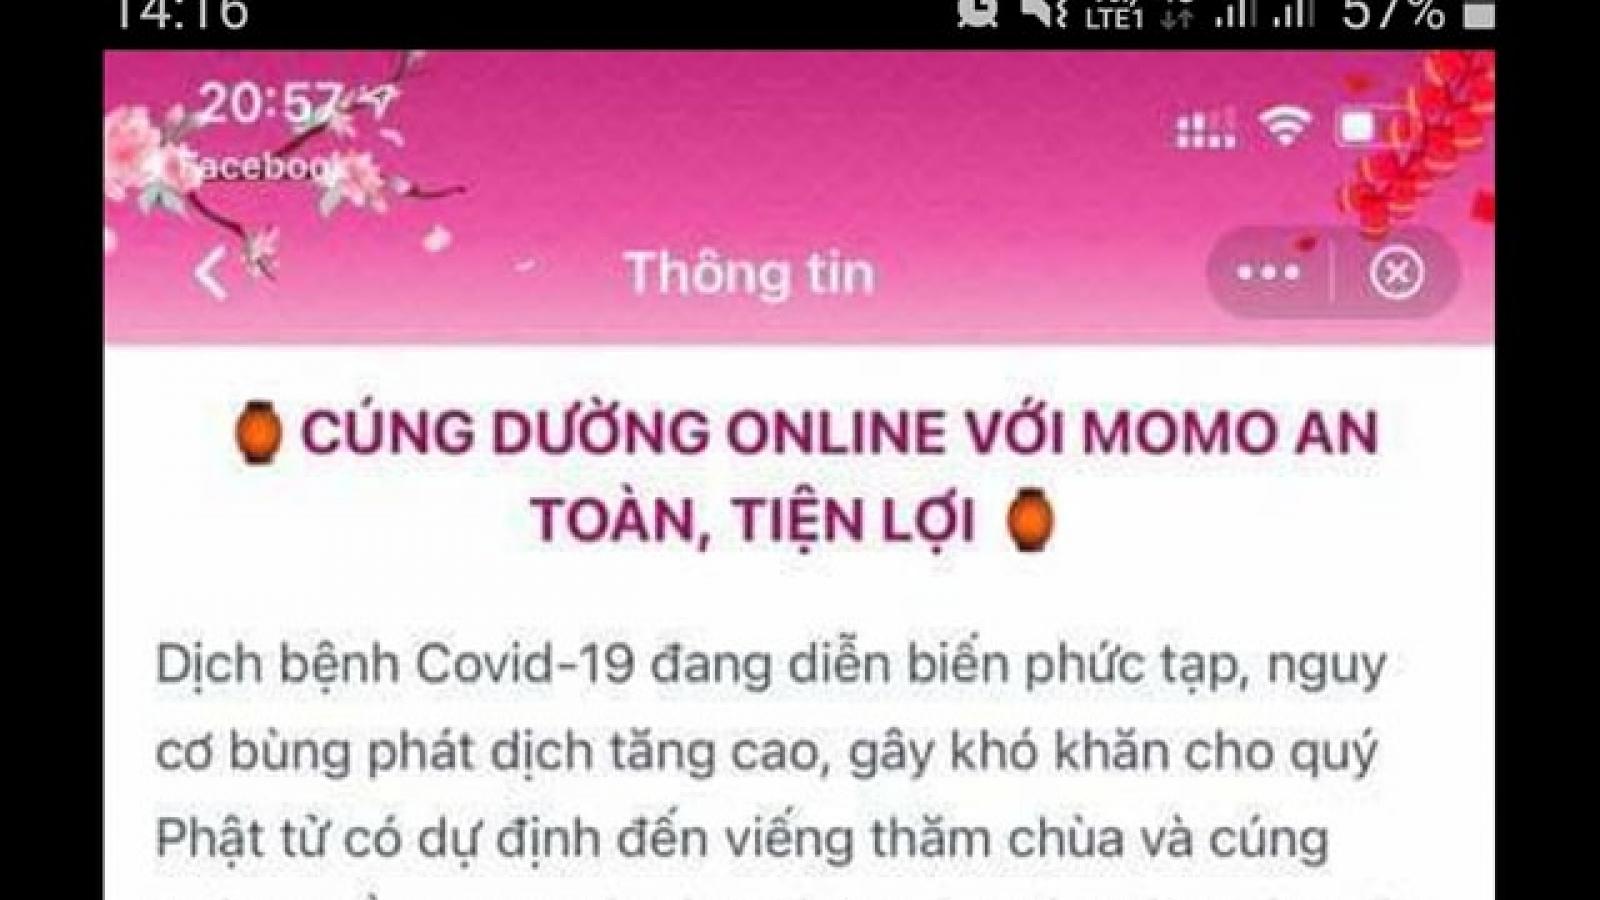 Cảnh giác chiêu trò mạo danh các chùa kêu gọi cúng dường online